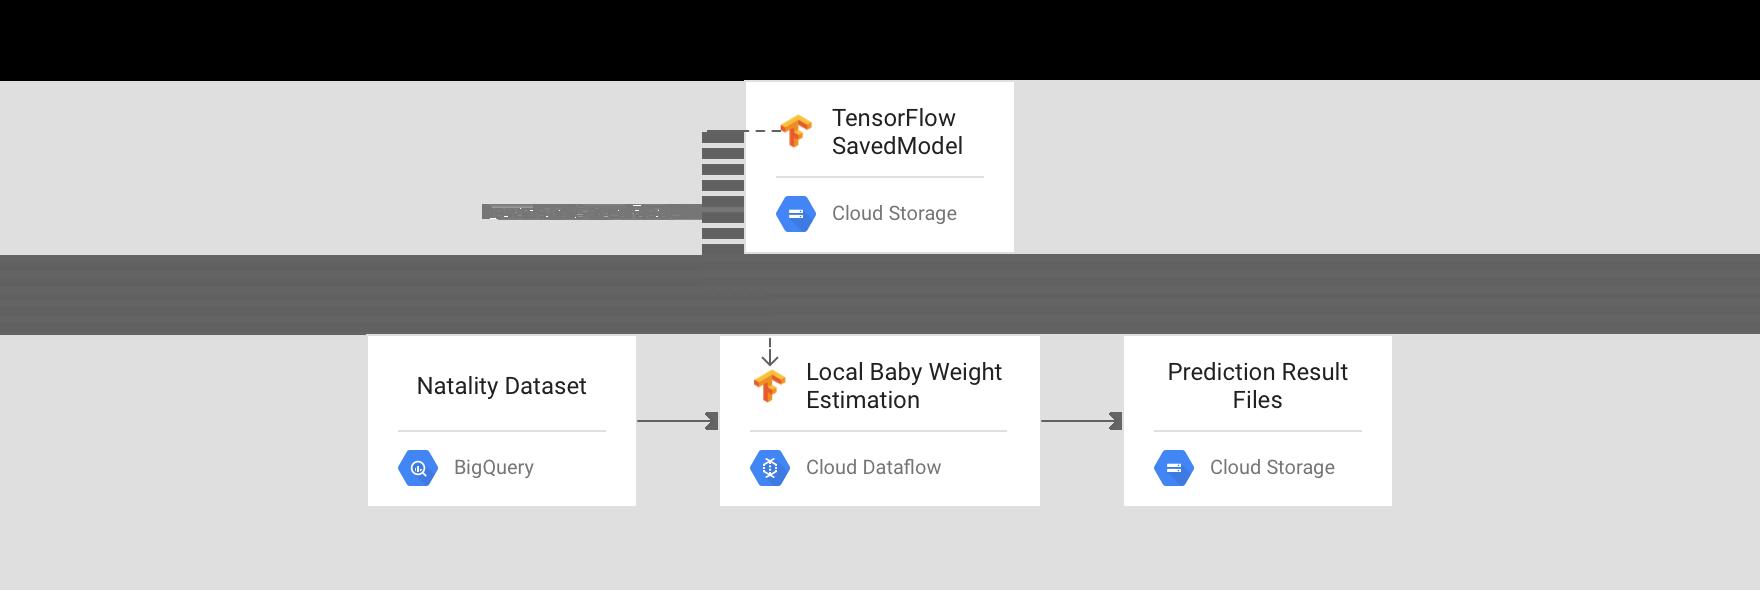 """Approche """"traitement par lot""""1: Dataflow avec prédiction par modèle direct"""